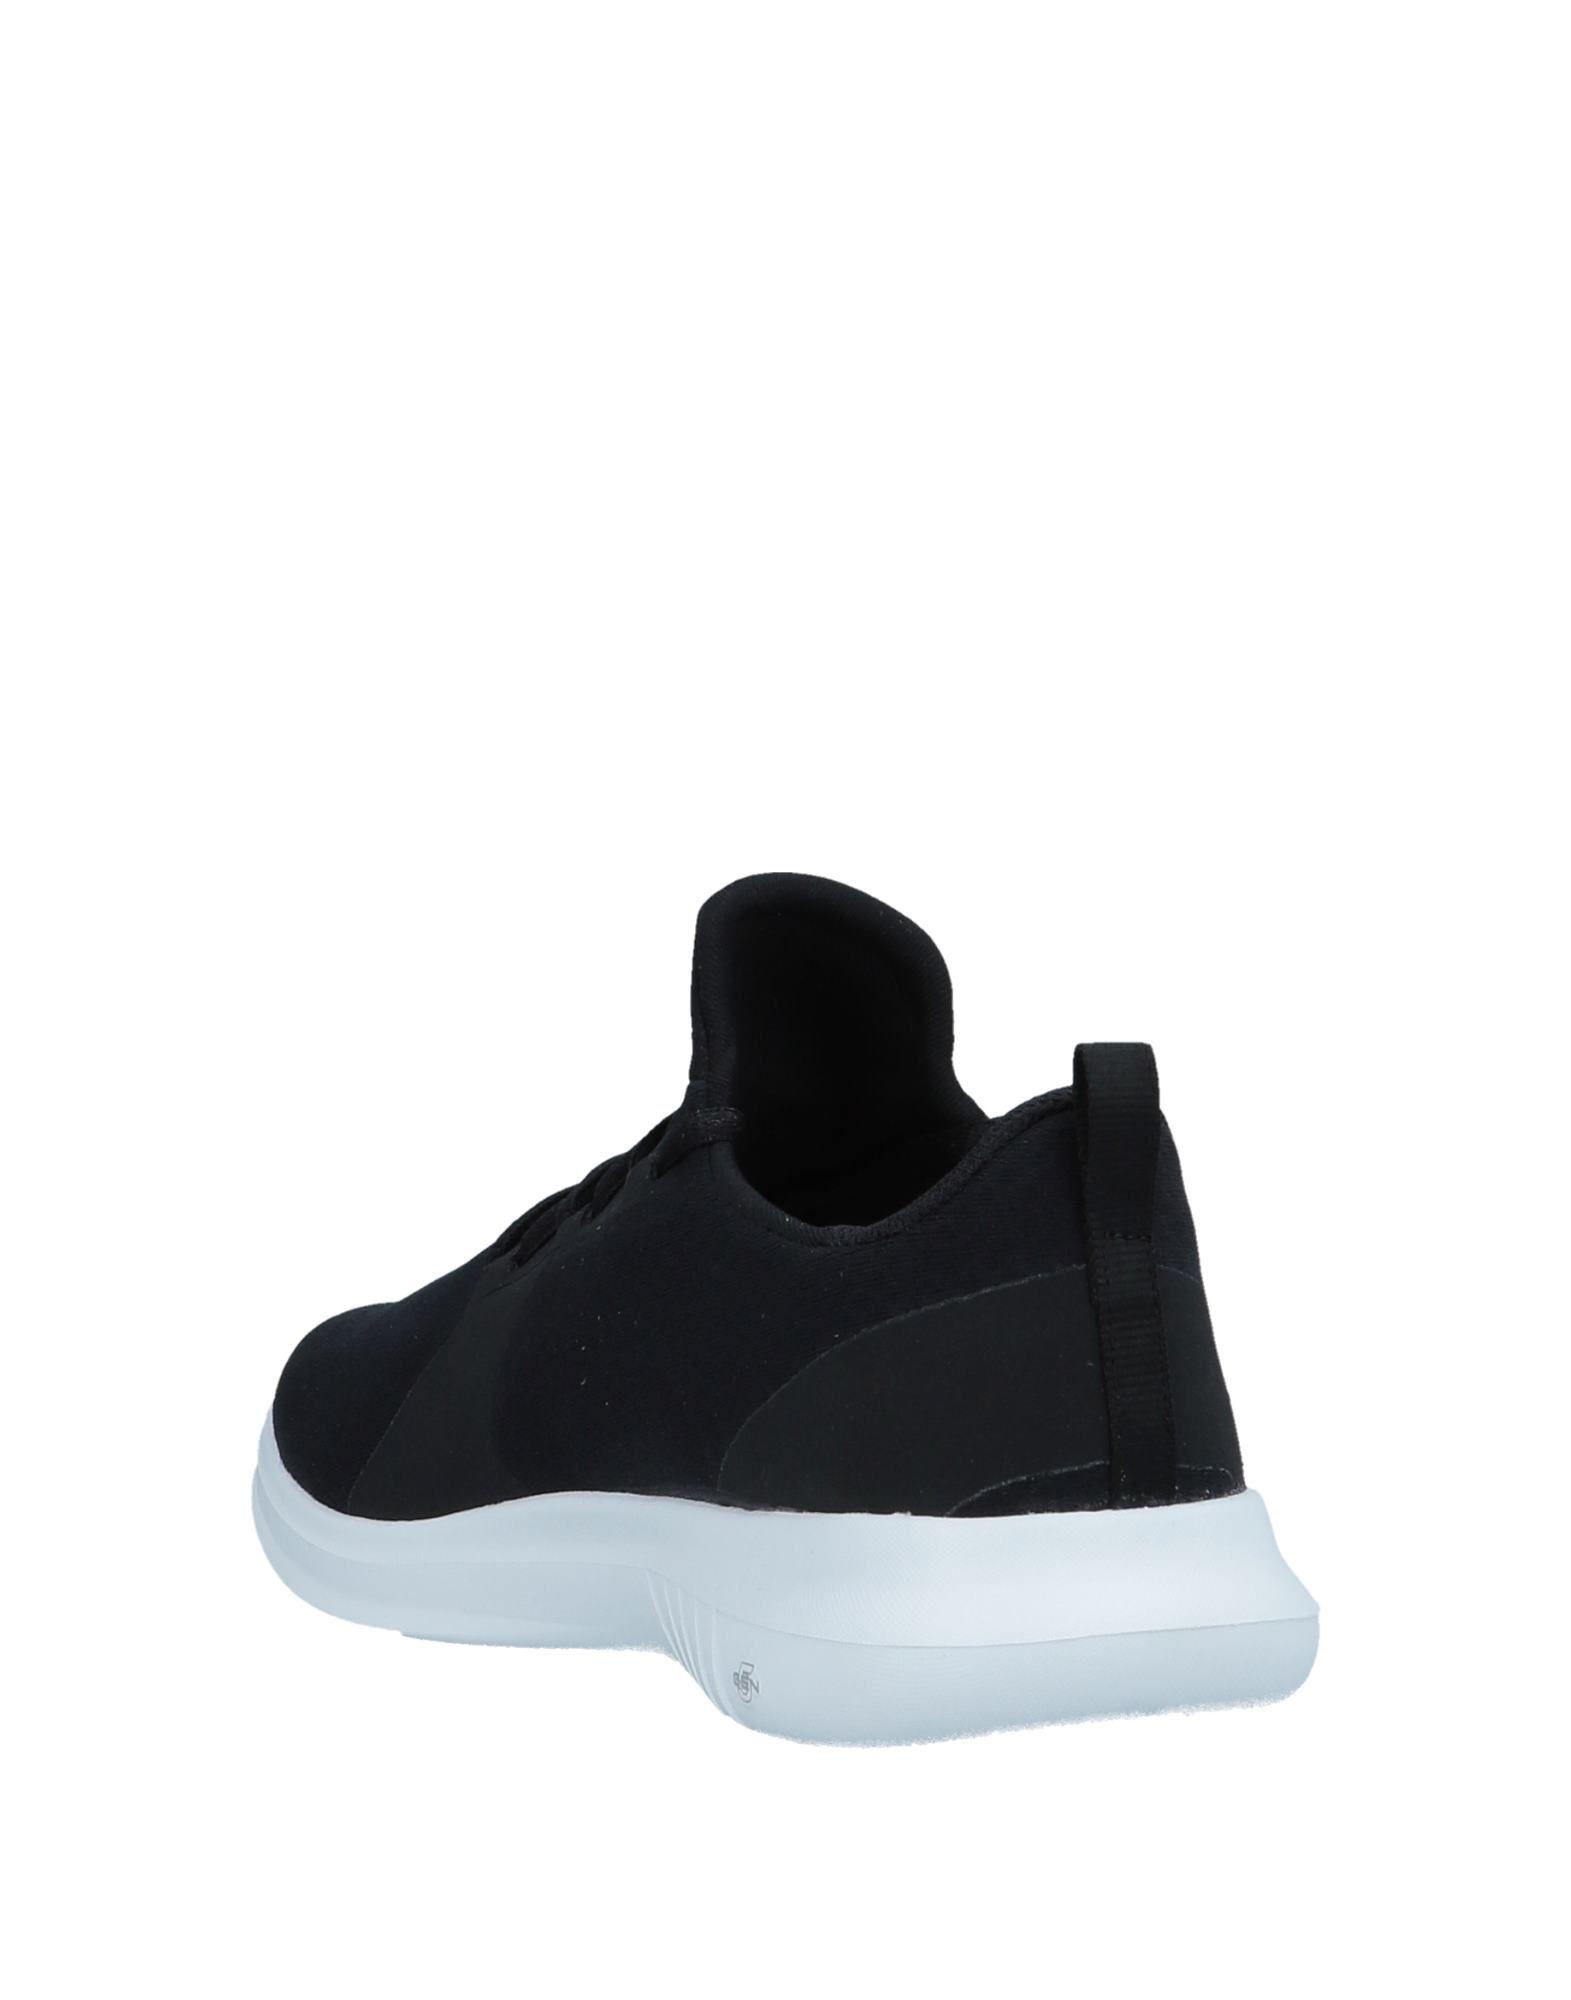 Skechers Sneakers Damen Damen Sneakers  11554973XB  d09a71